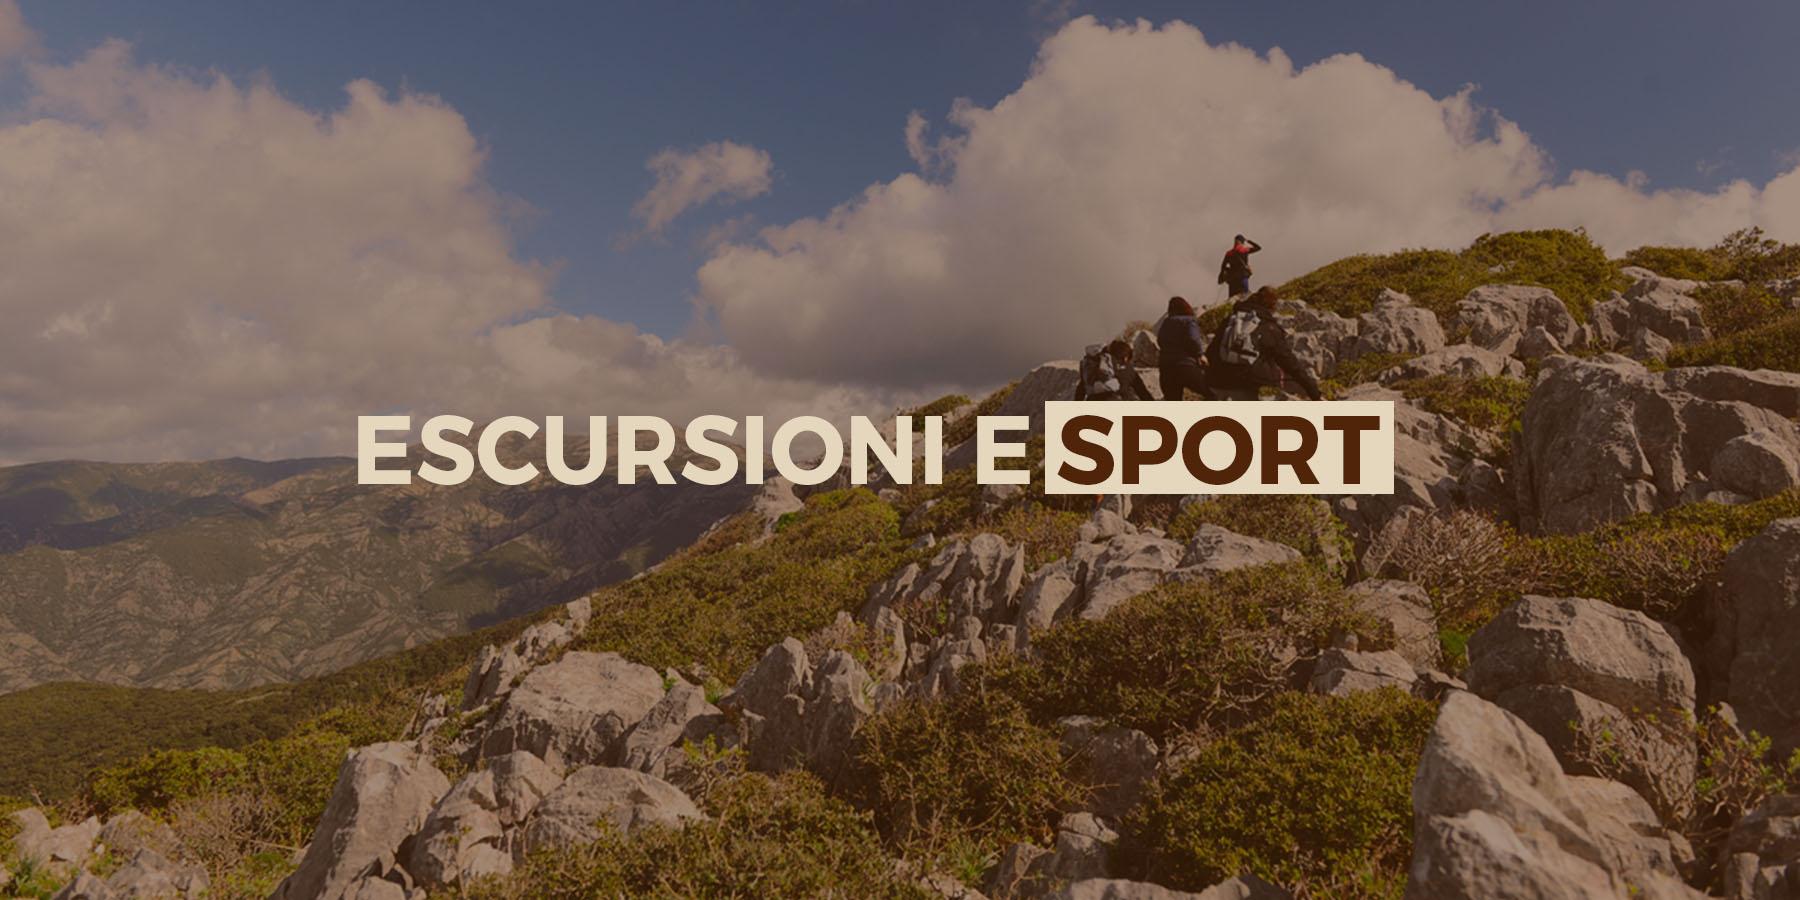 StartUno-Servizi-turistici-escursioni